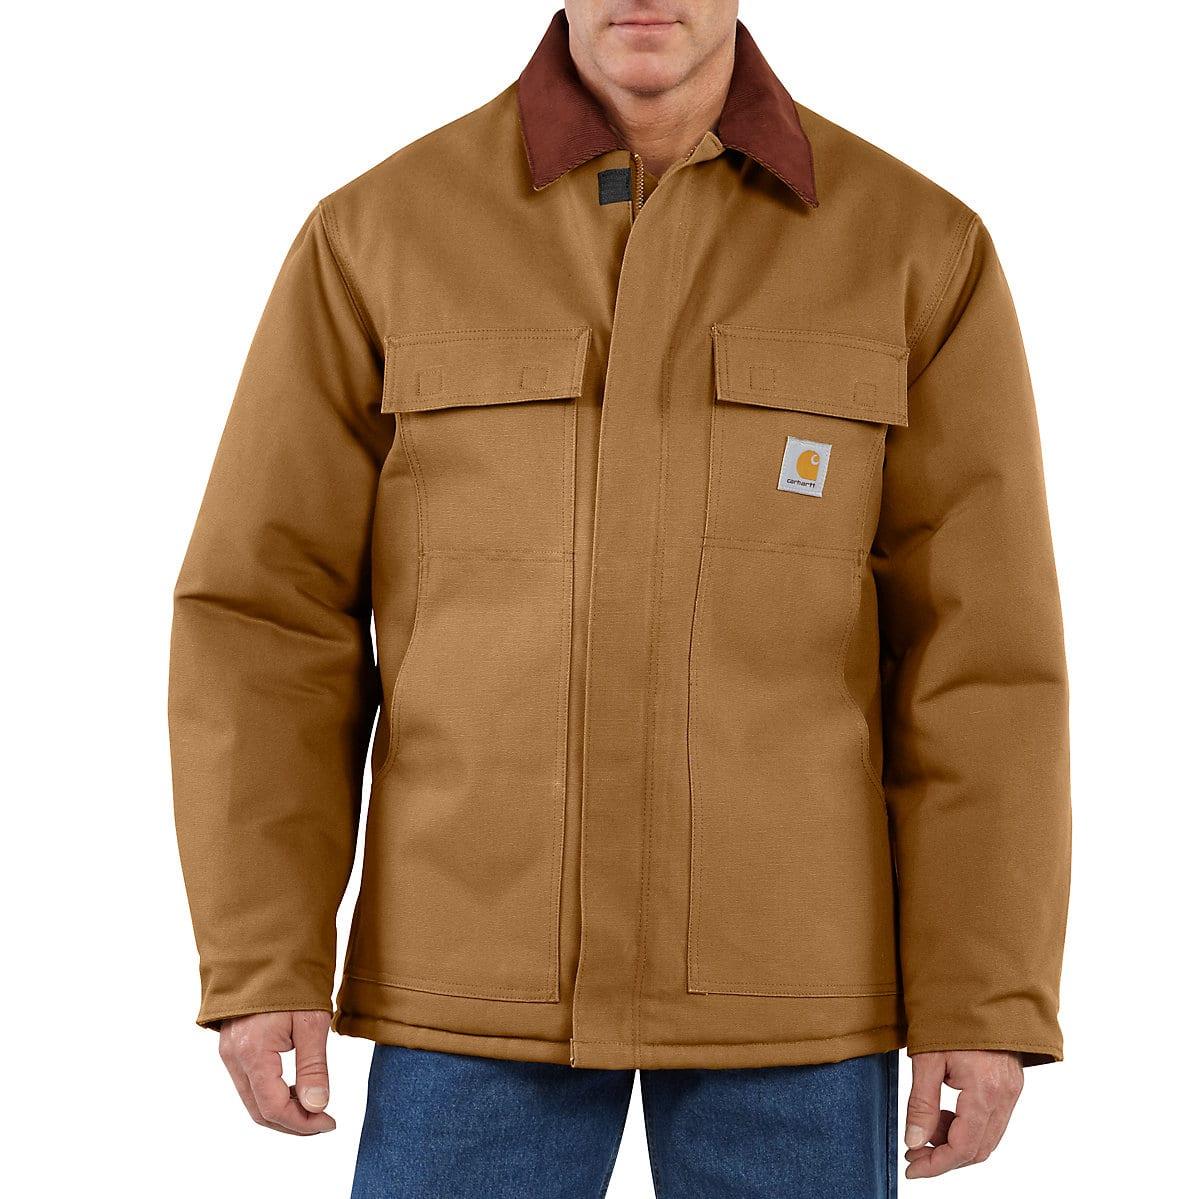 Men S Duck Traditional Arctic Quilt Lined Coat C003 Carhartt [ 1199 x 1200 Pixel ]